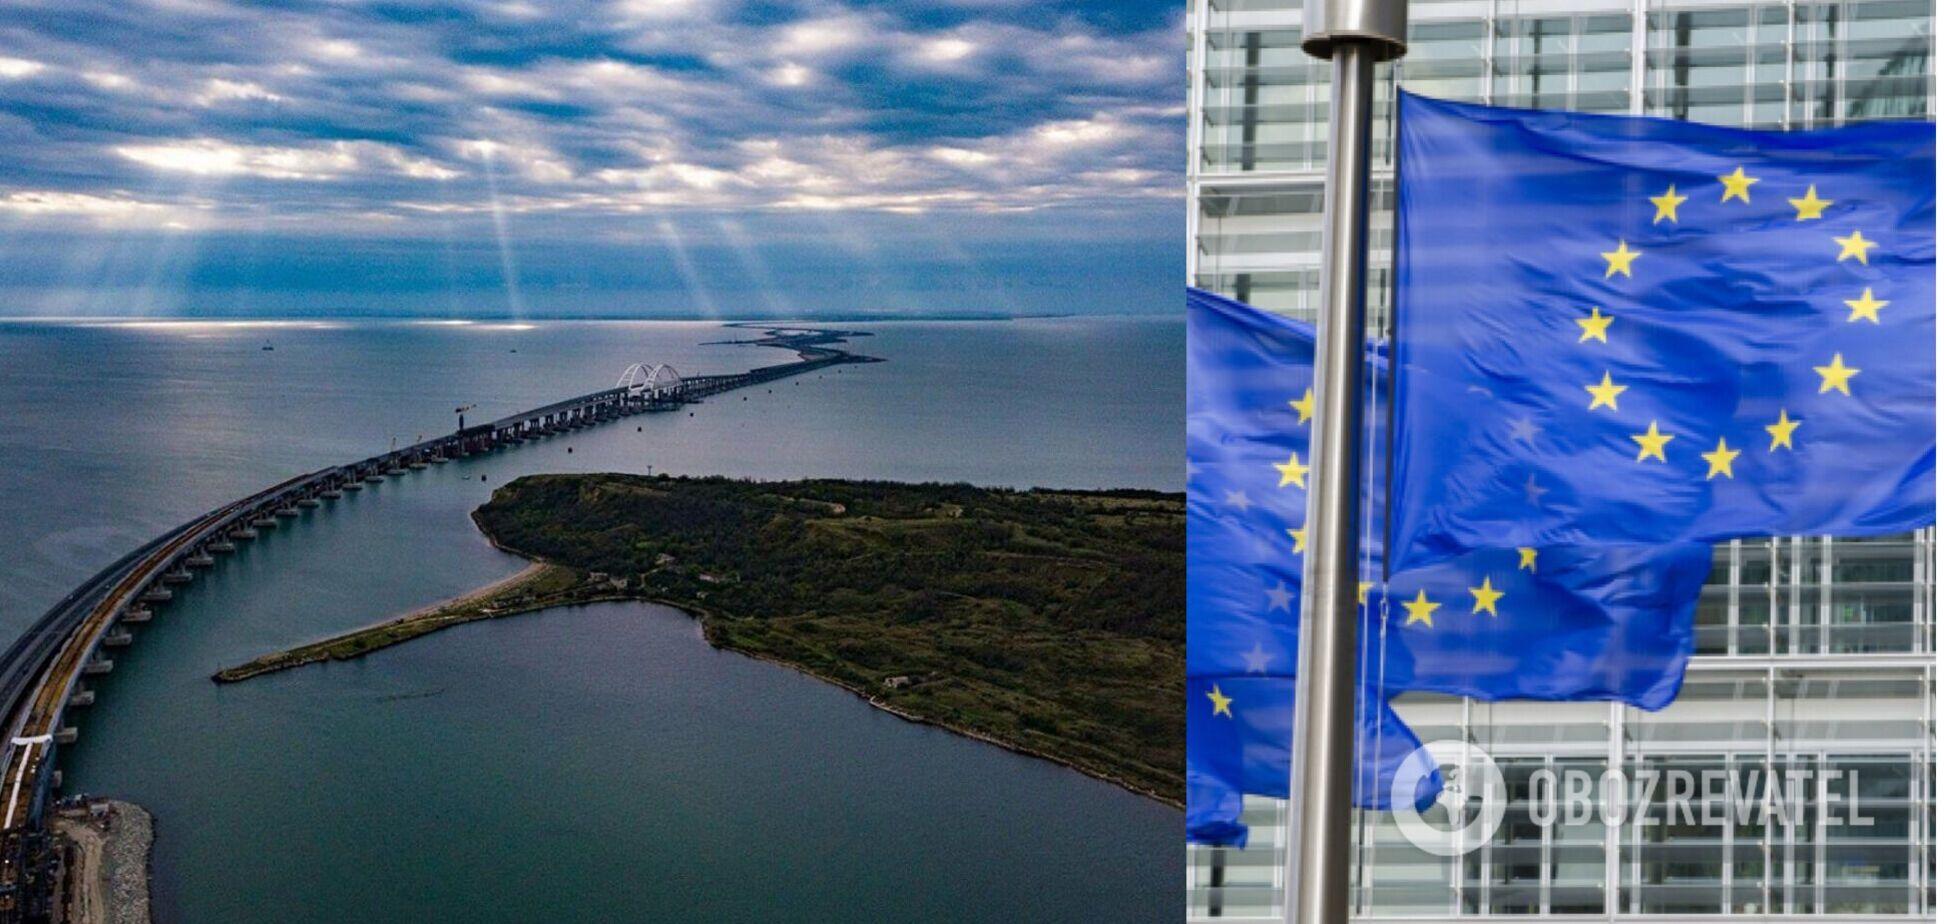 В ЕС отреагировали на блокировку Керченского пролива